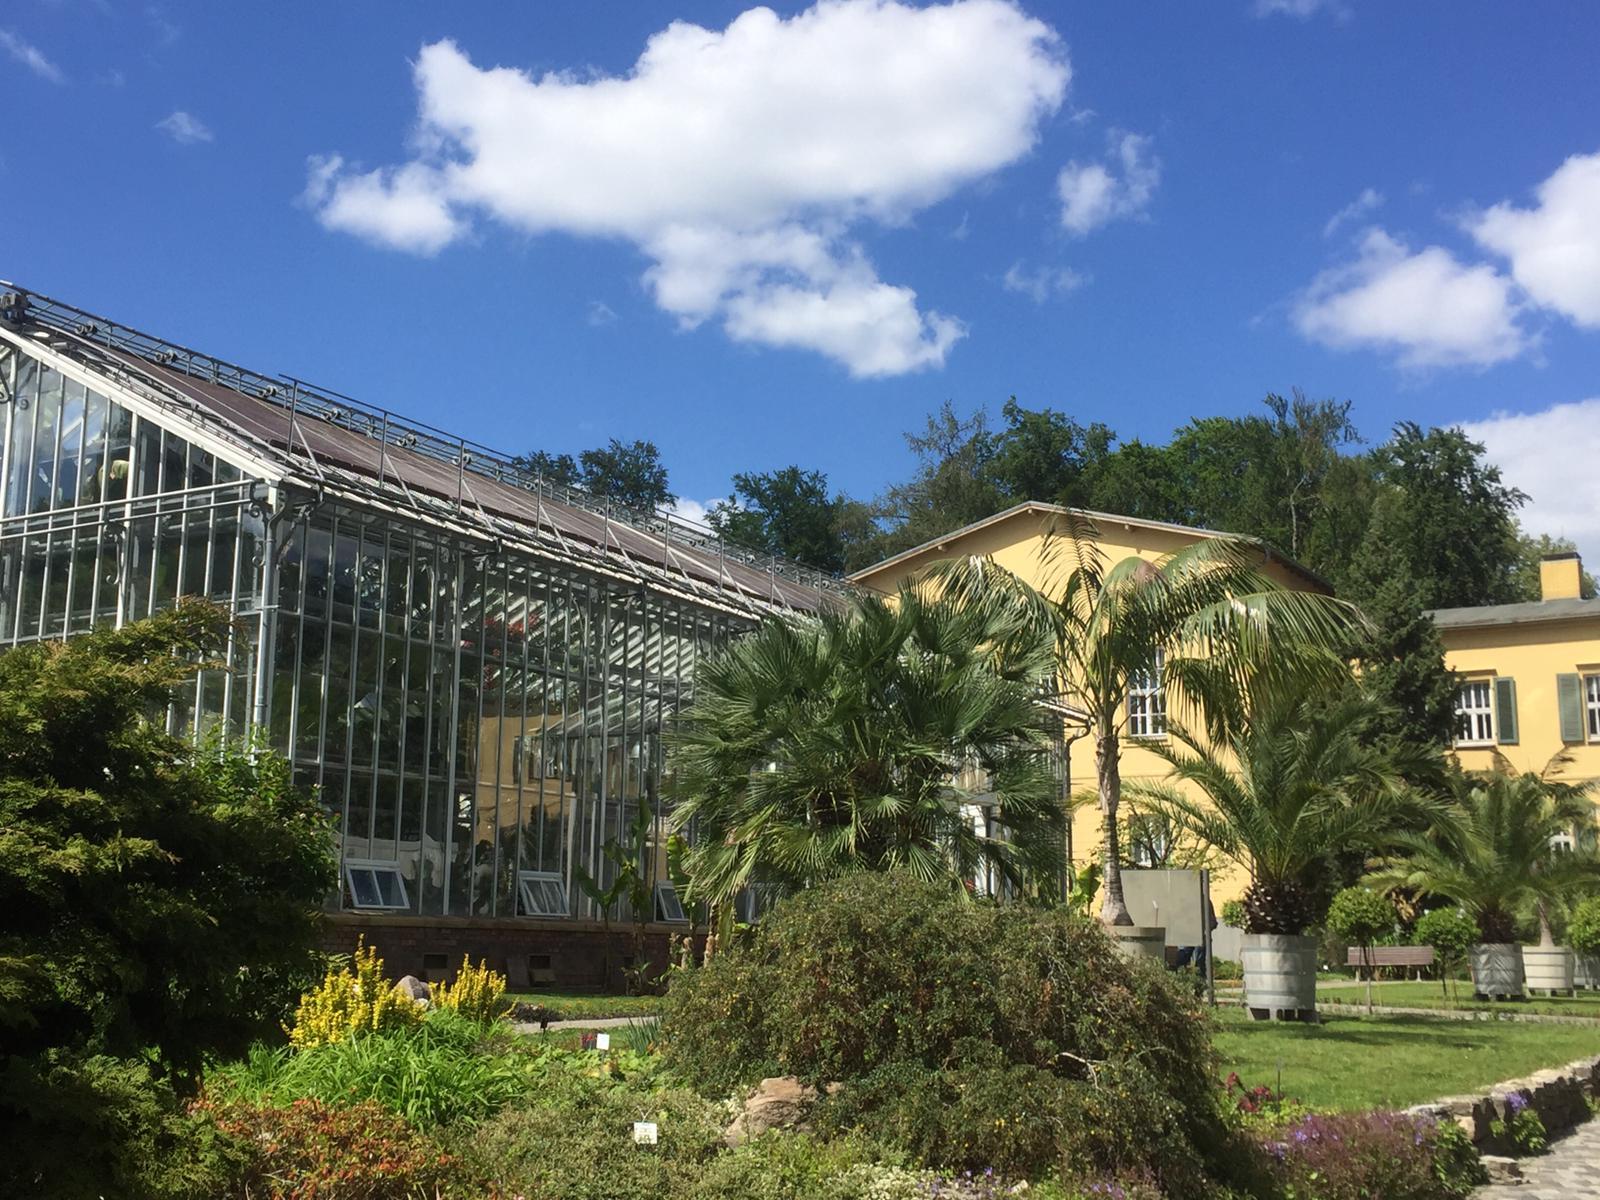 (Post-)Kolonialismus und der botanische Garten in Potsdam